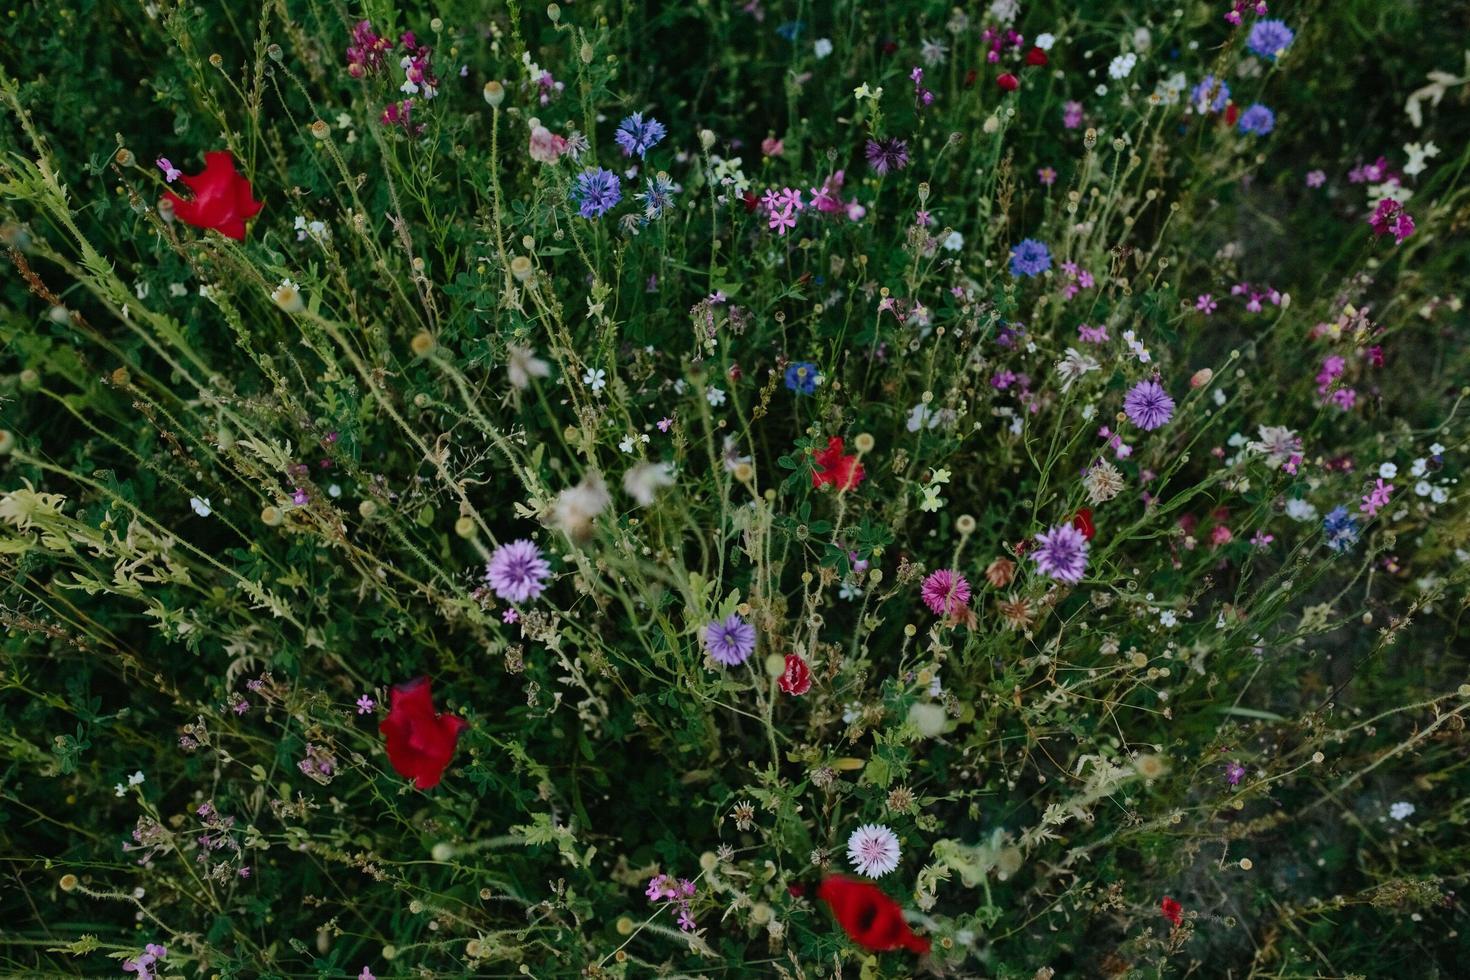 fiori viola e bianchi con foglie verdi foto